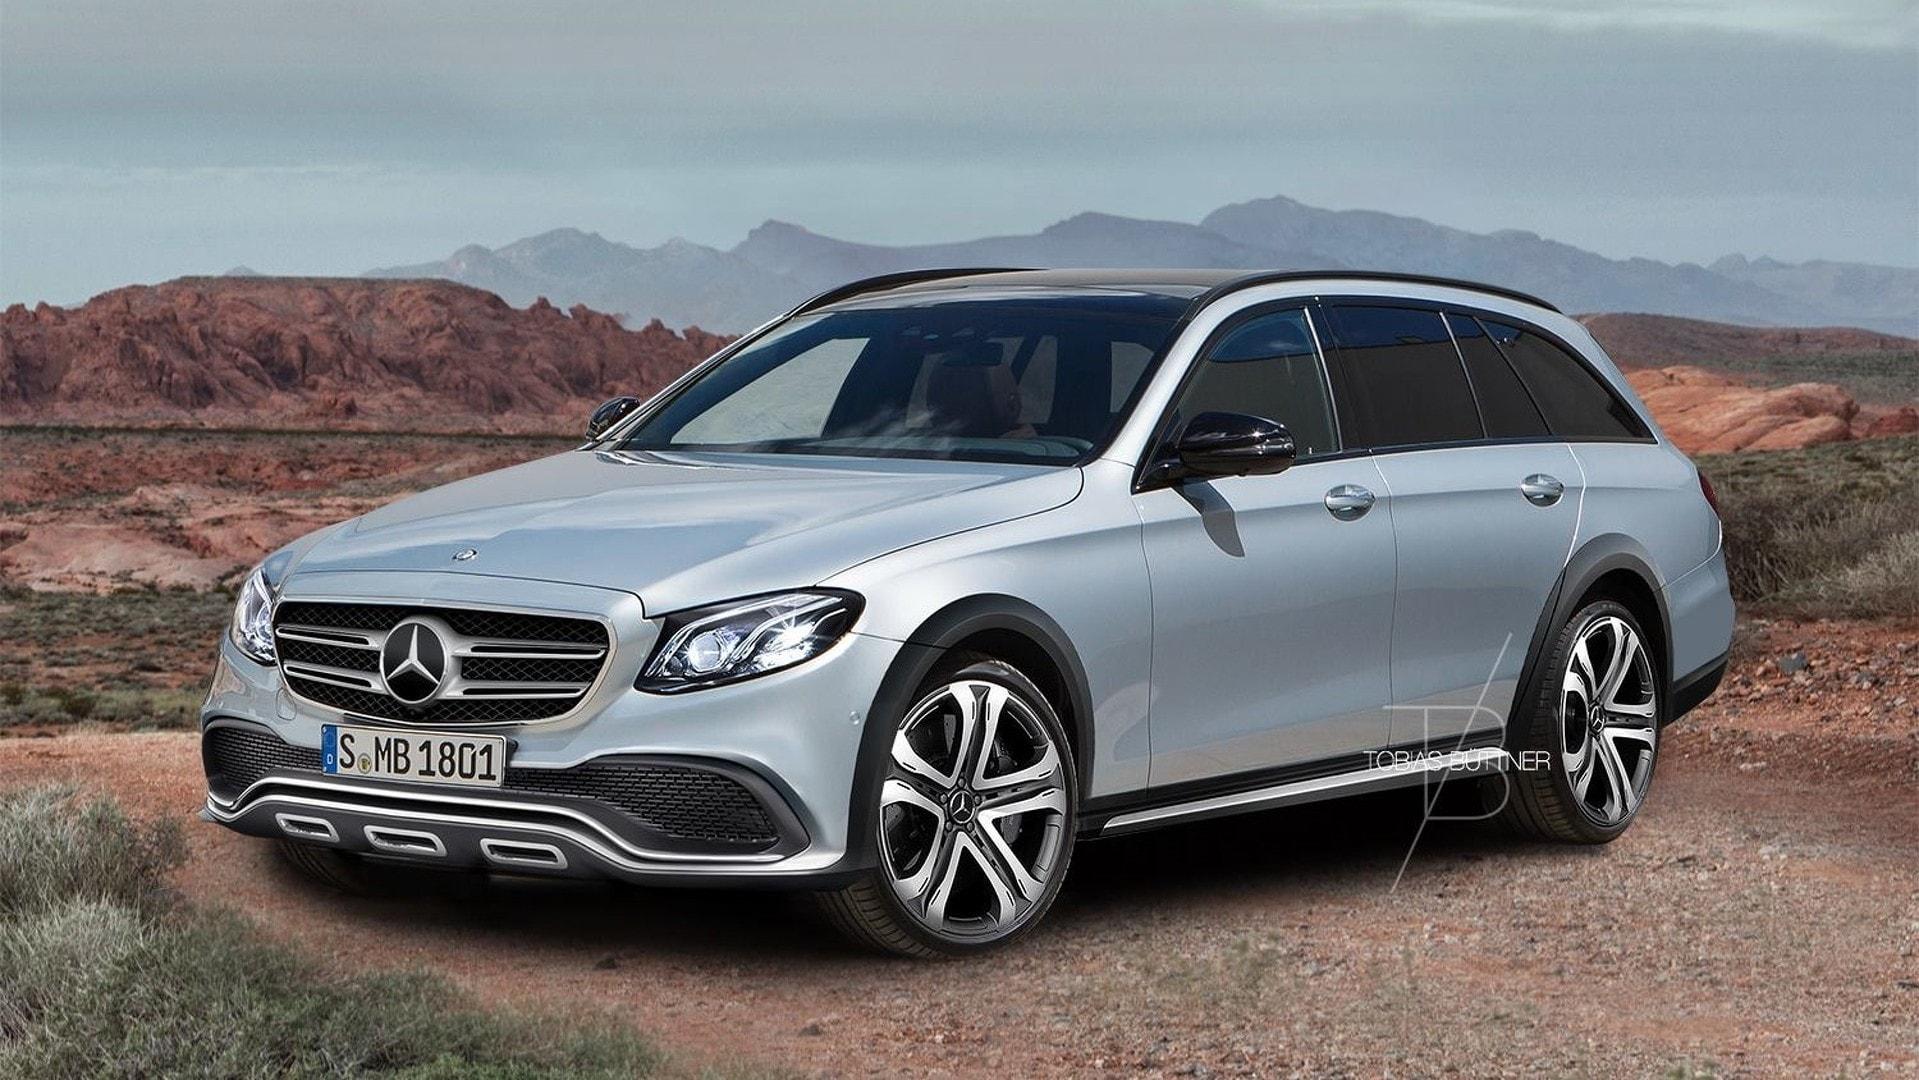 Mercedes E-Class All-Terrain Wallpapers